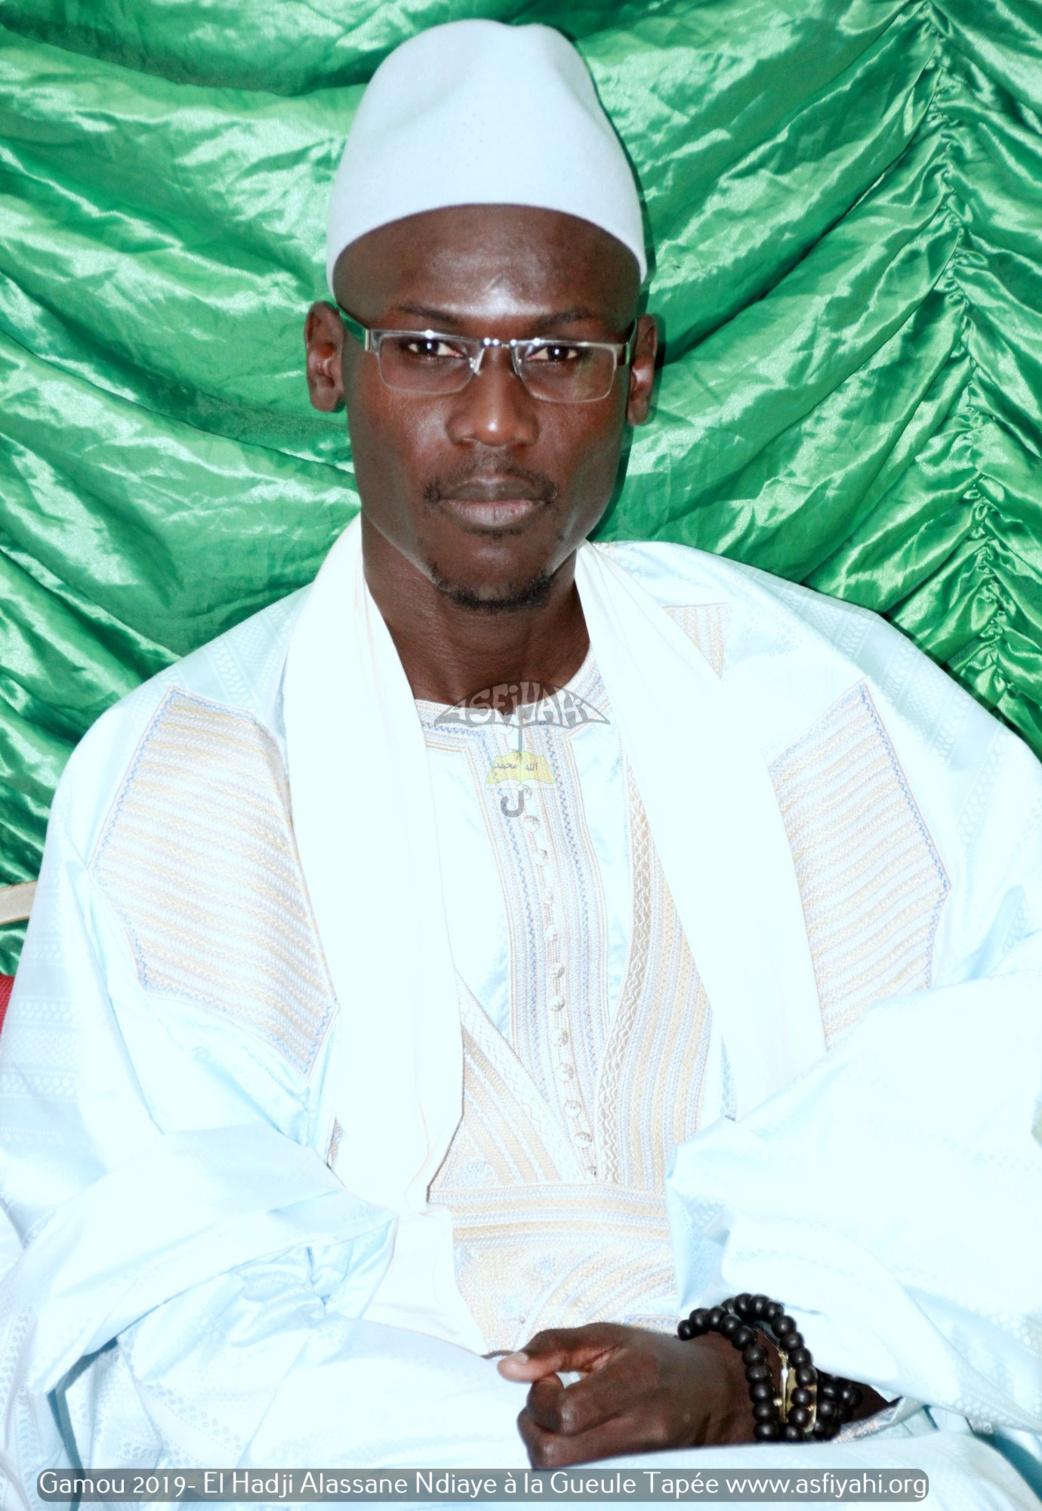 PHOTOS - GUEULE TAPÉE - Les images du Gamou 2019 en hommage à El Hadji Alassane Ndiaye (rta)